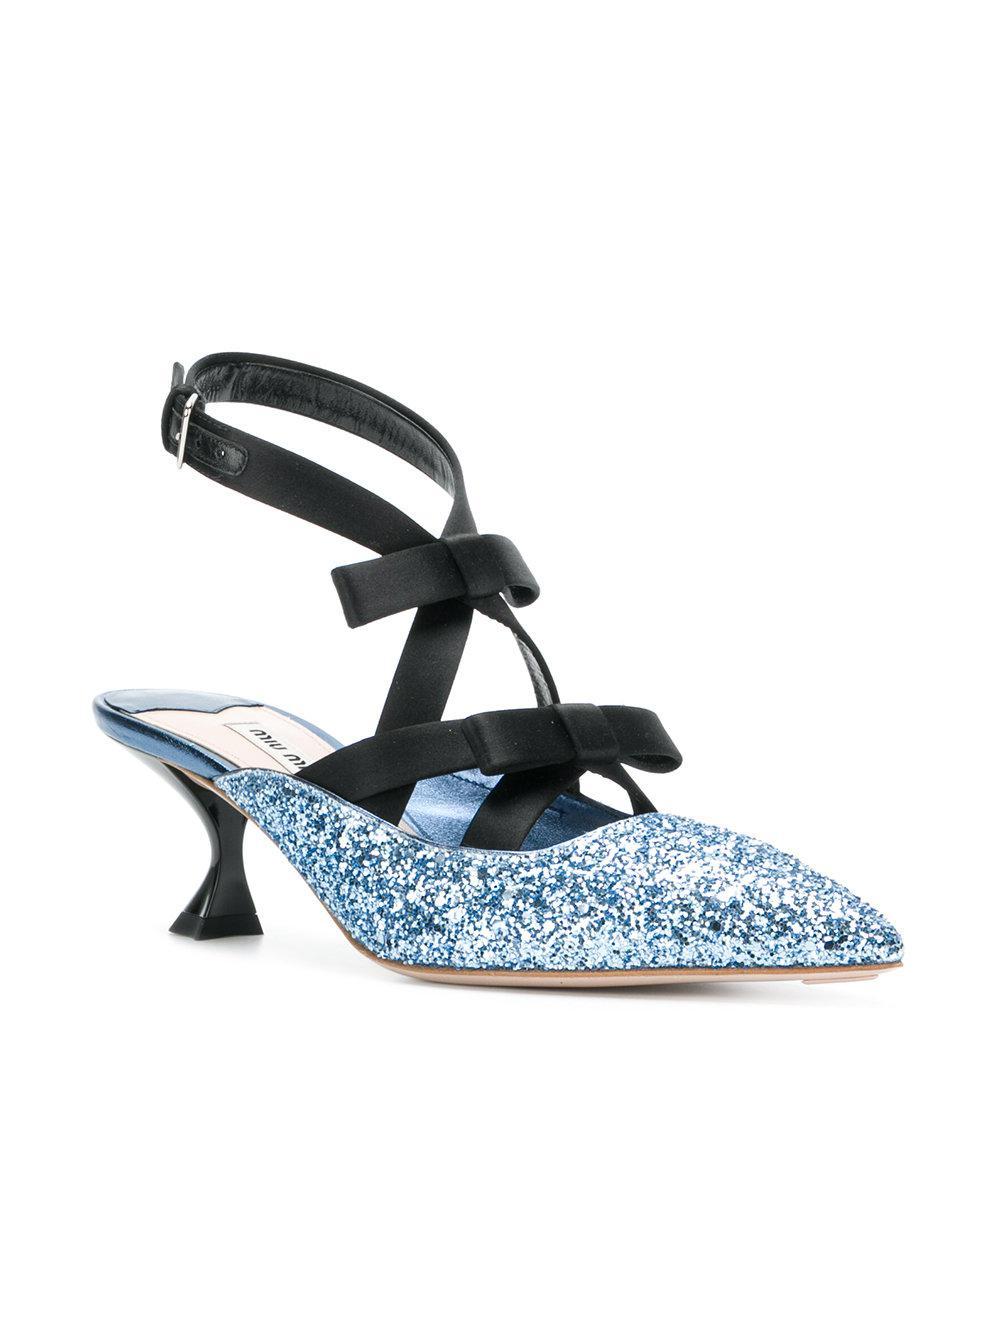 glitter 55 pumps - Blue Miu Miu 1IaEpdb